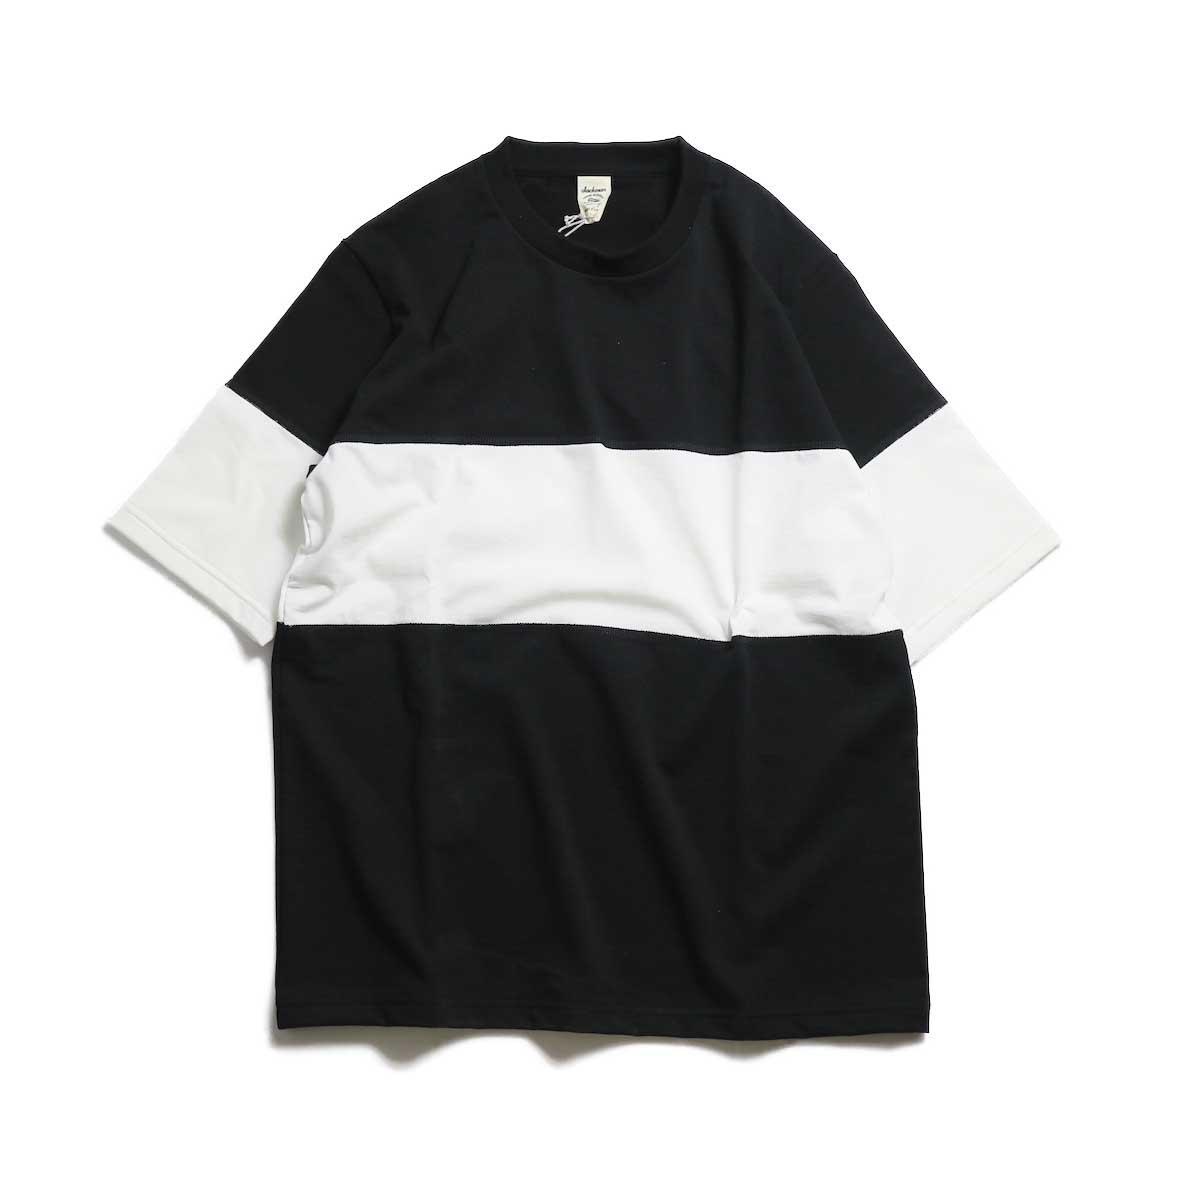 Jackman / Border T-Shirt -Black×White 2S